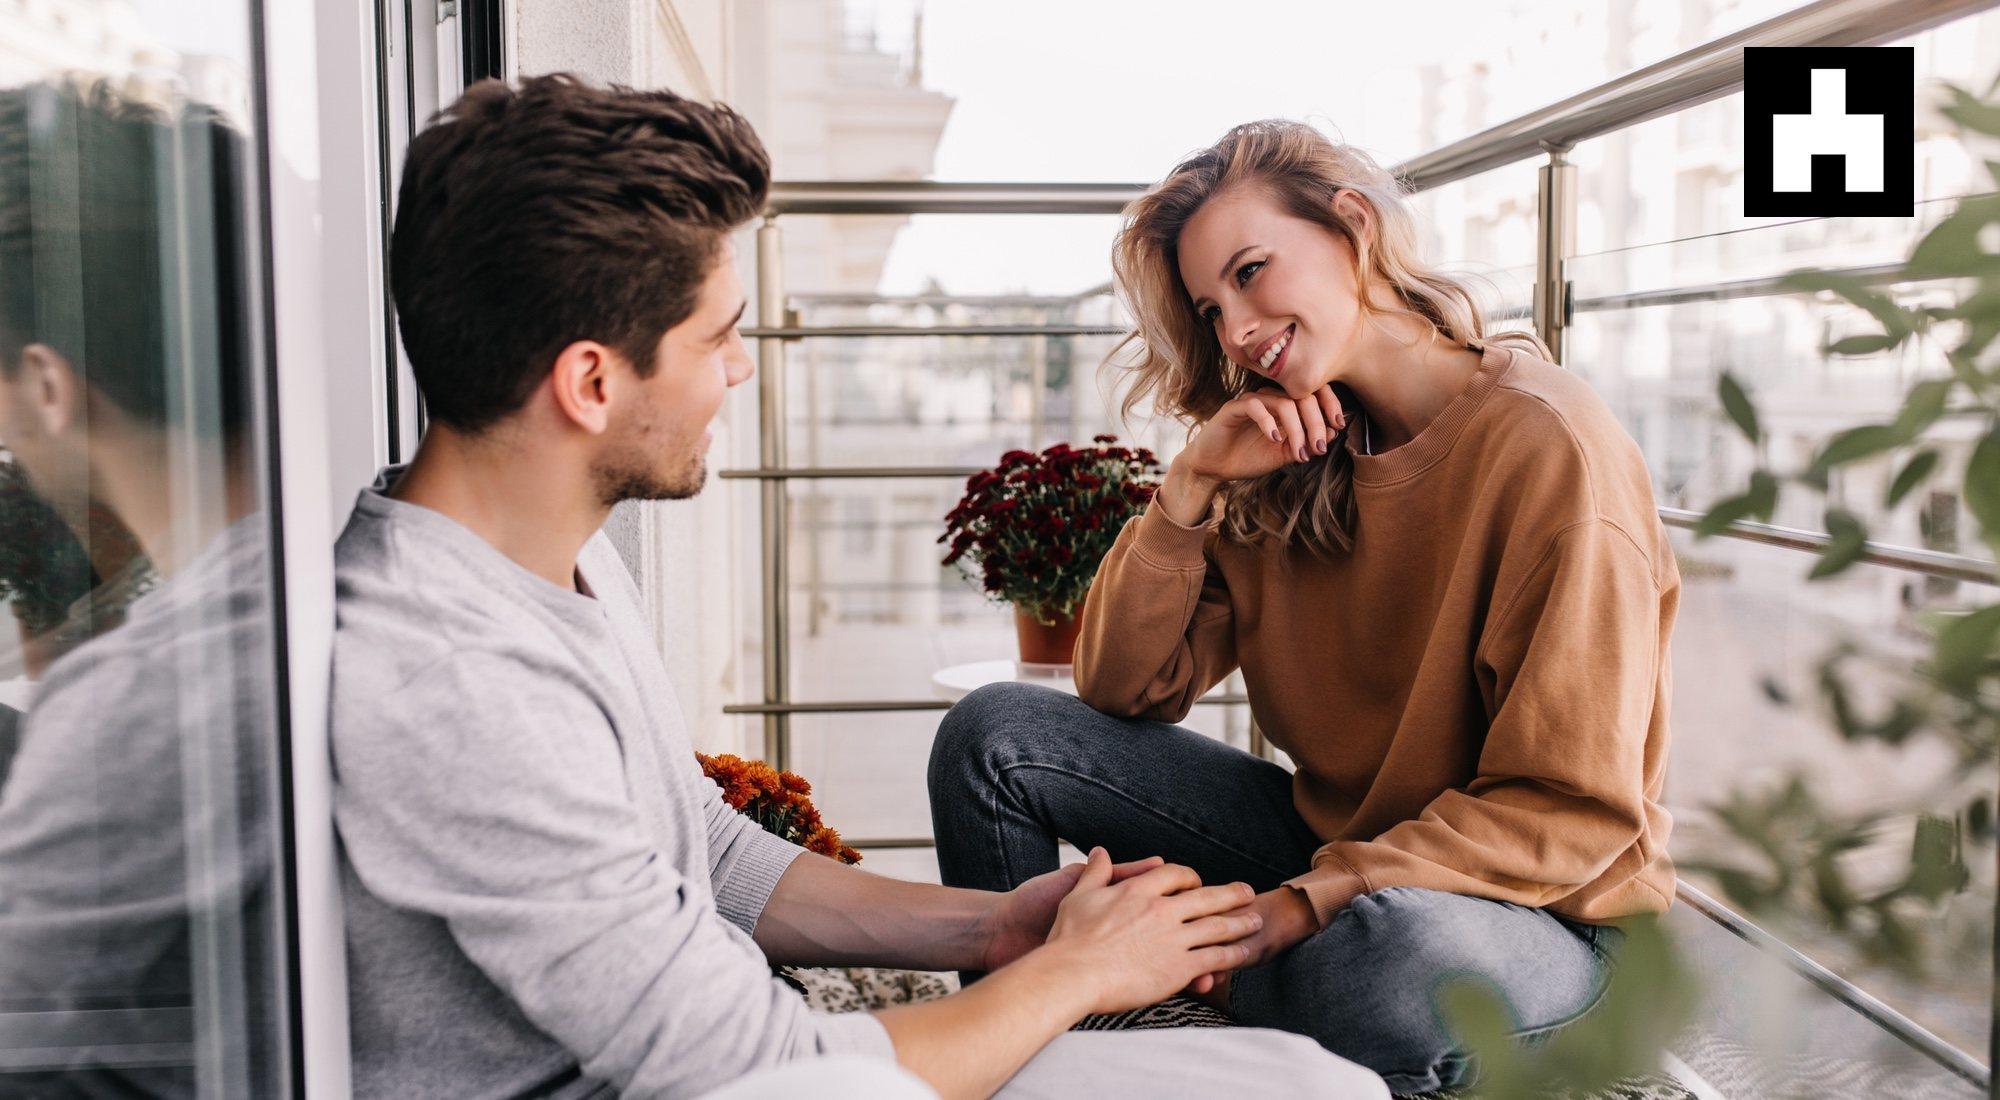 El tonteo inicial en una relación, una etapa más propia de 'Bandersnatch'